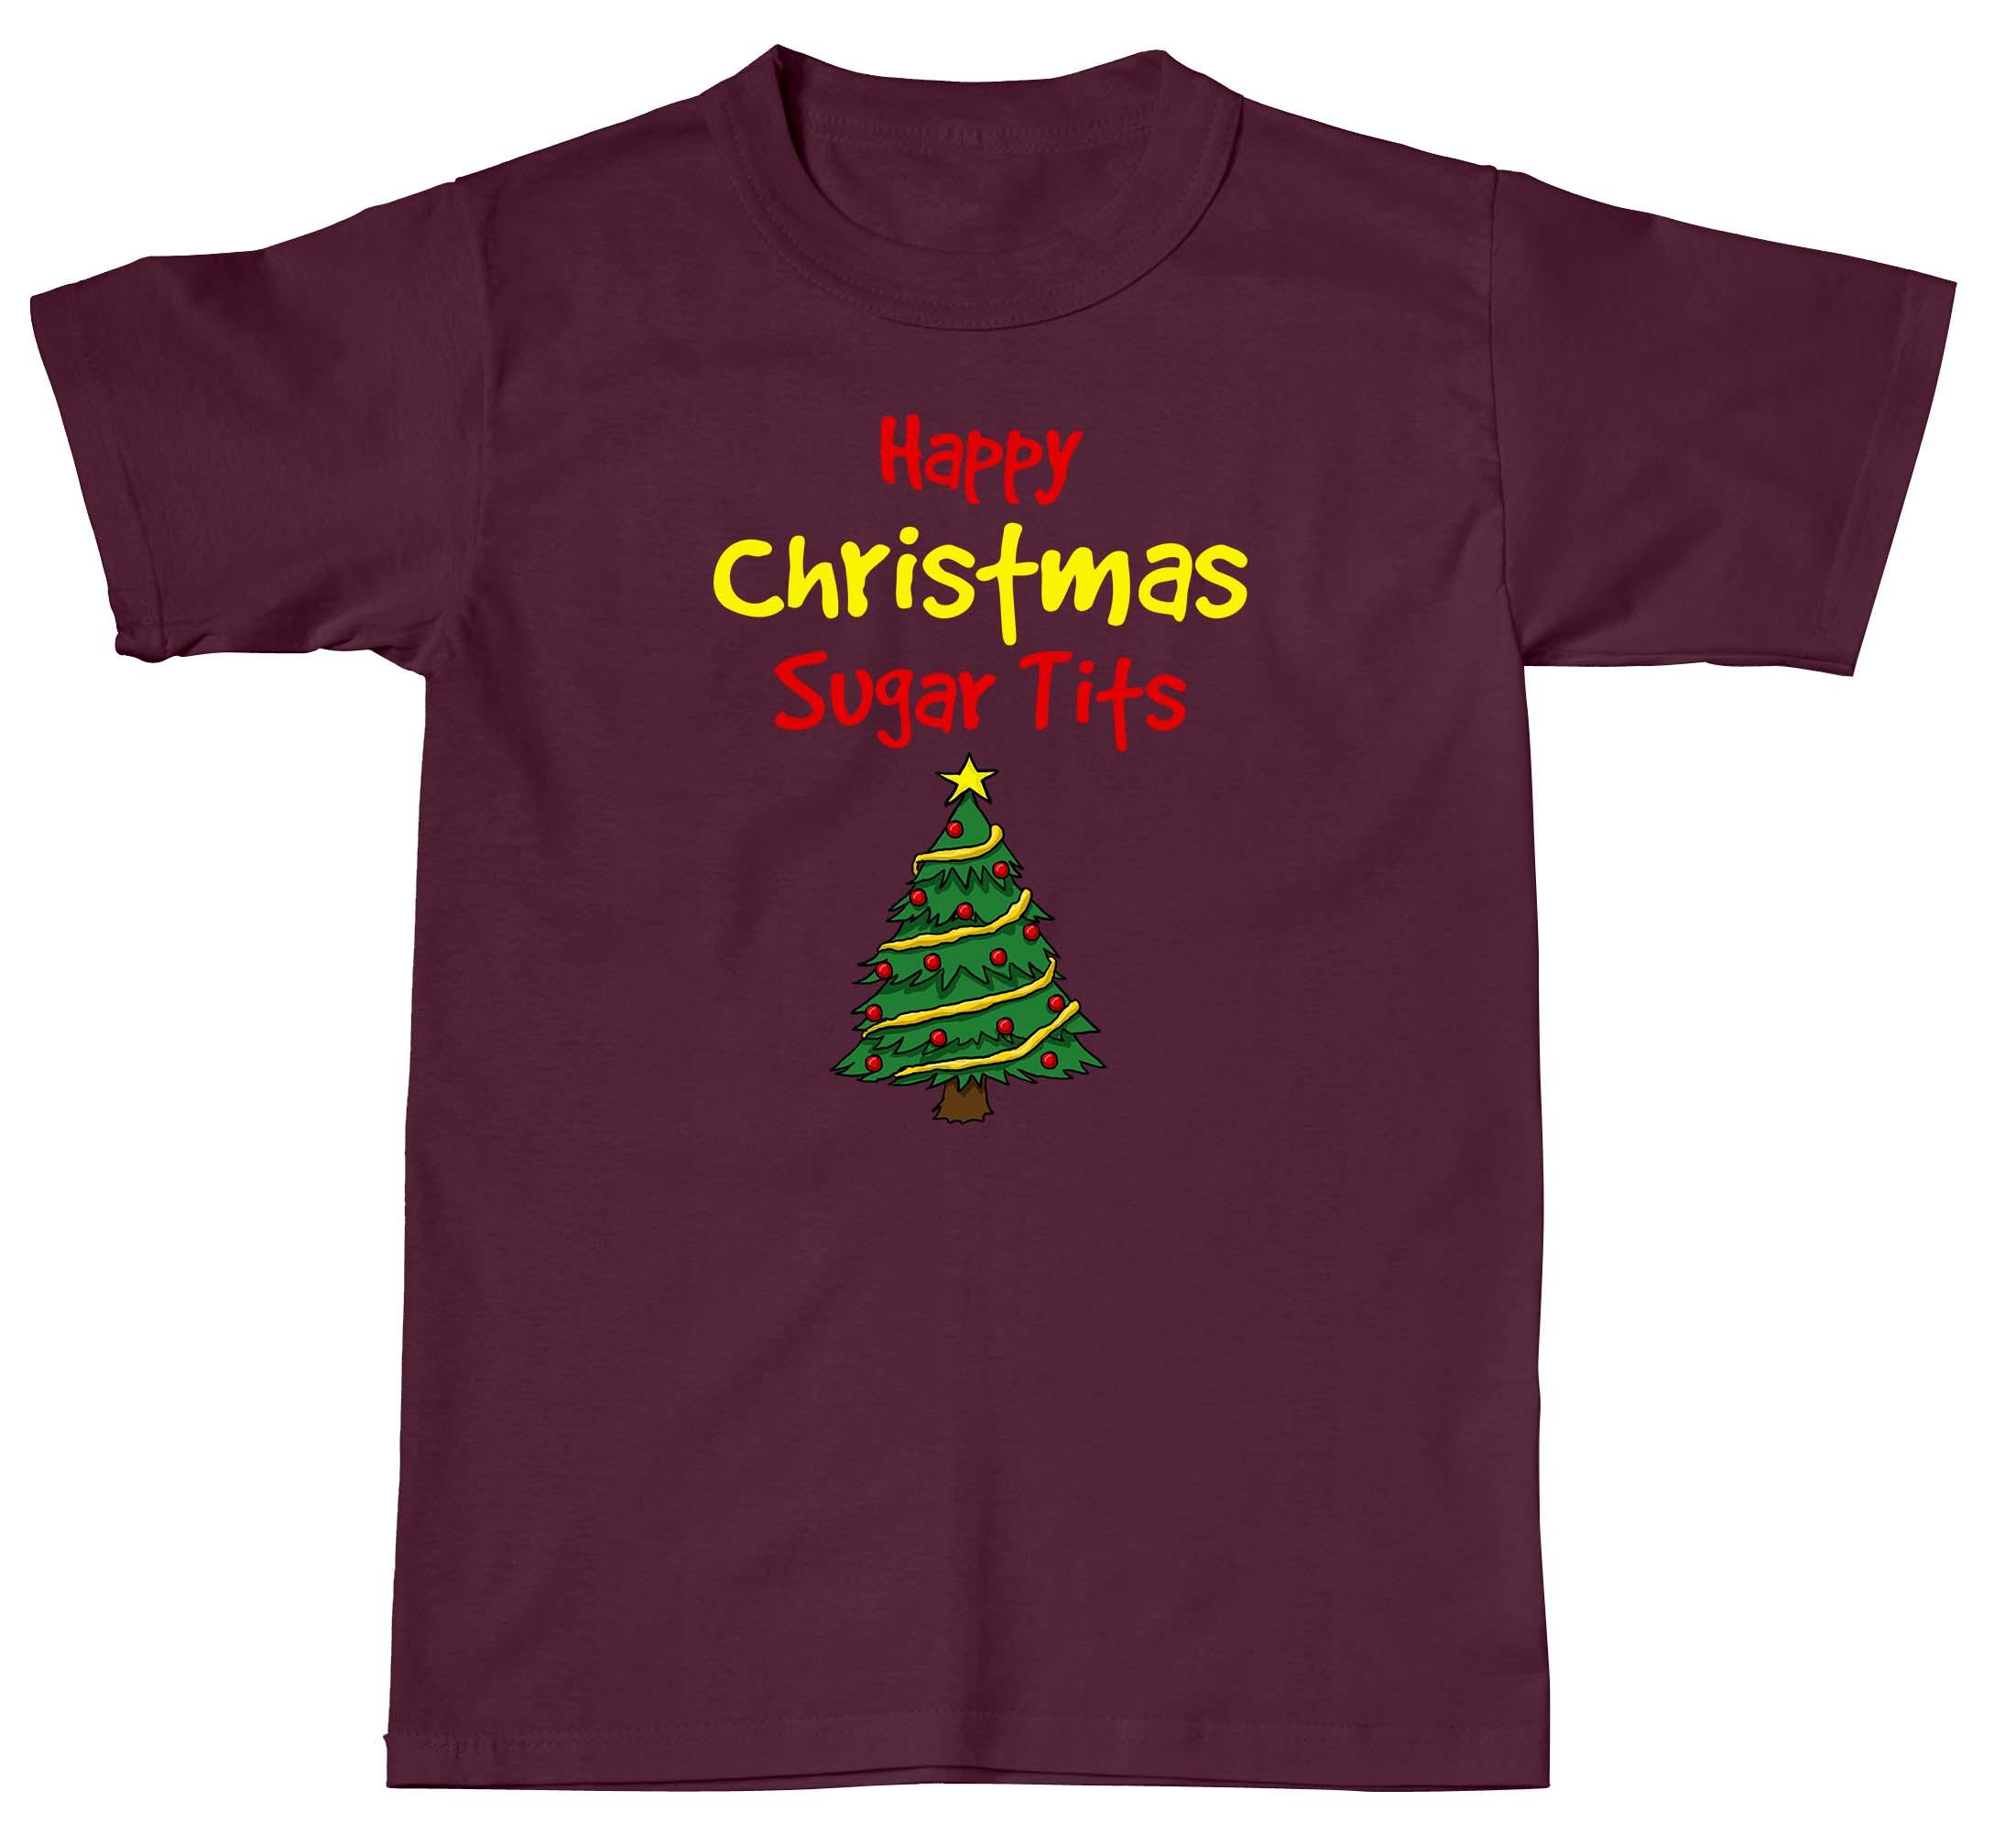 Happy Christmas Sugar T*ts - Rage Tees